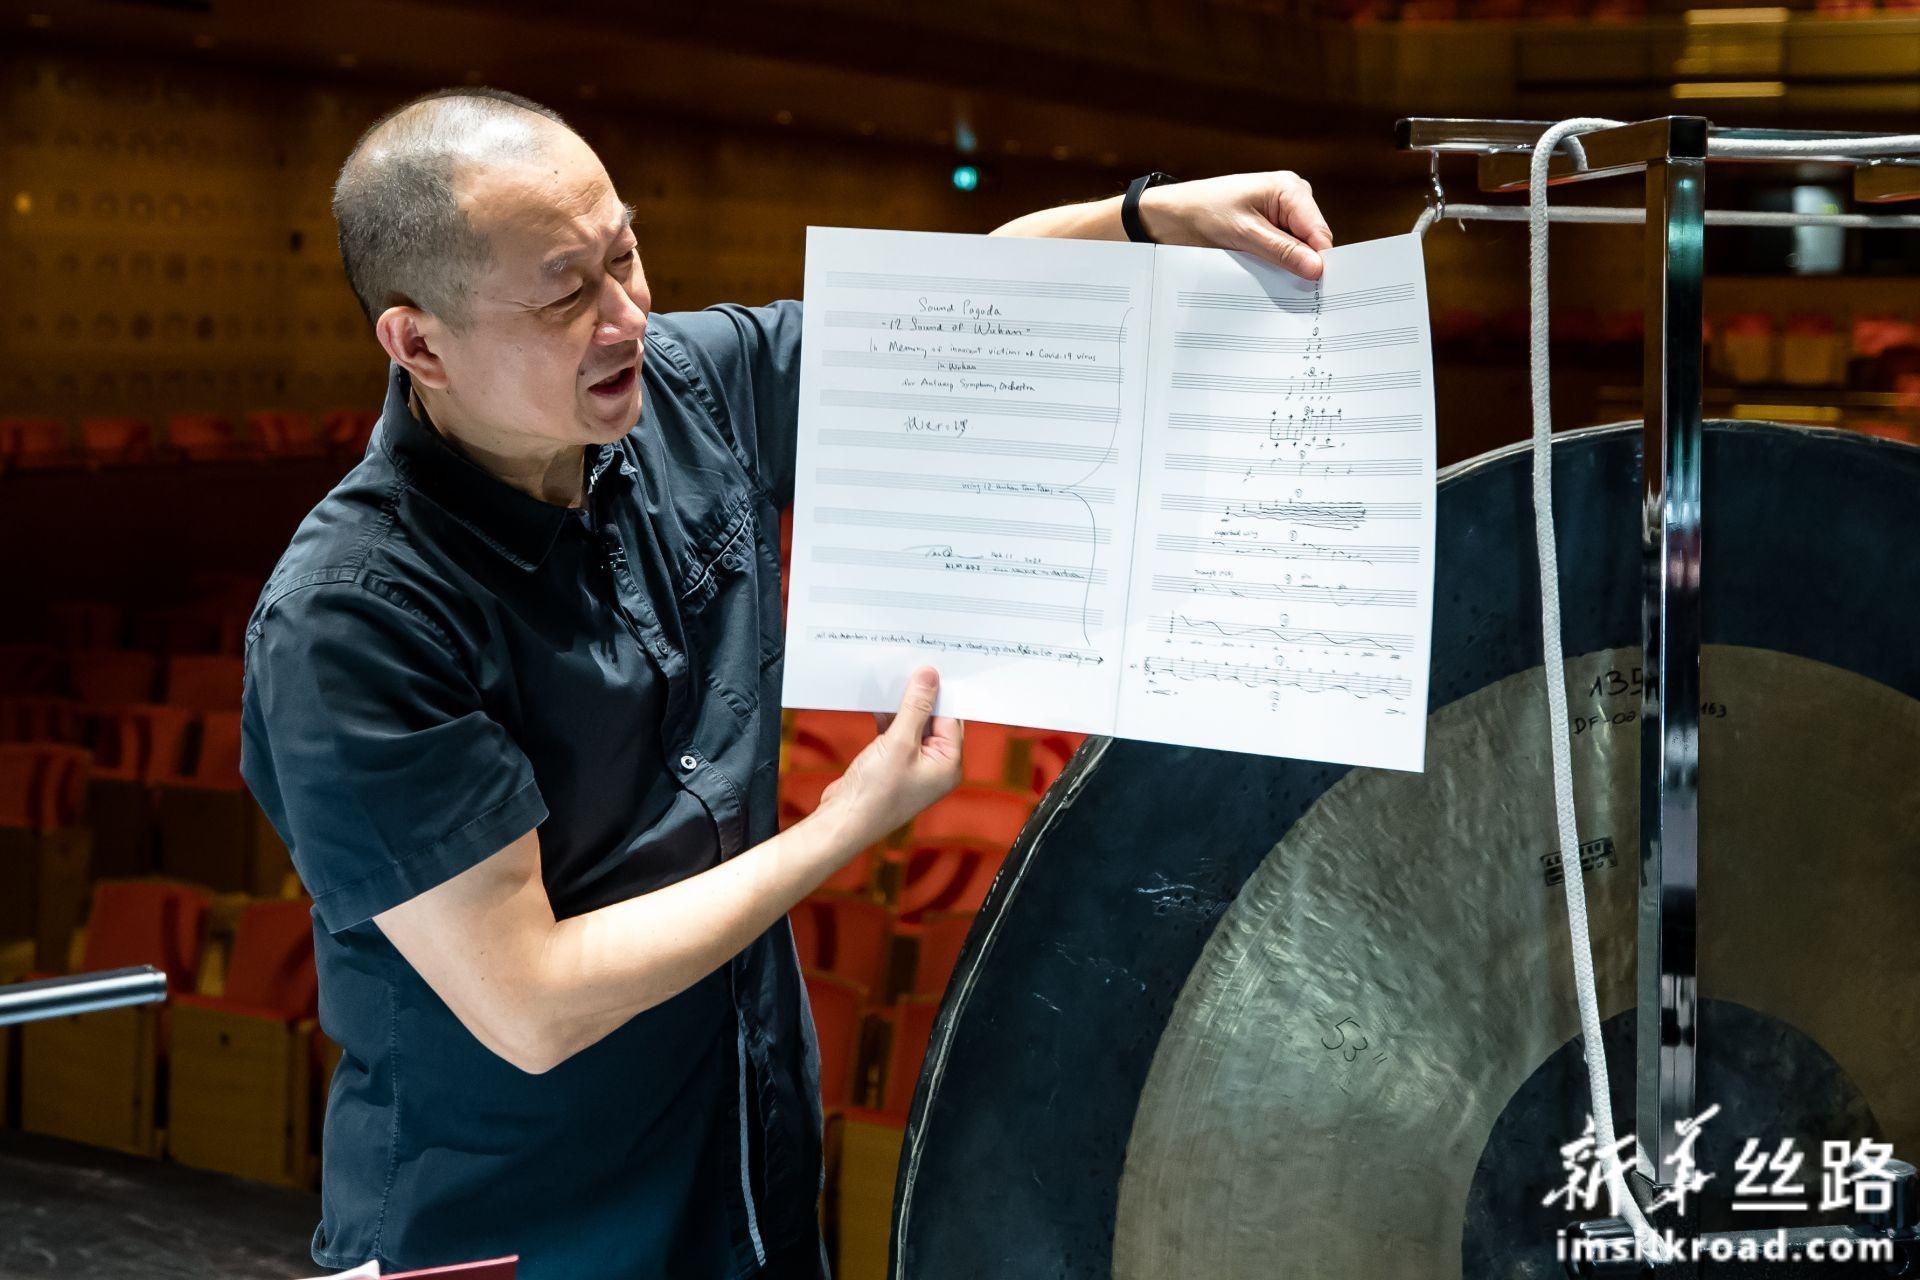 2月14日,在比利时安特卫普,谭盾在排练现场讲述《声音宝塔——武汉十二锣》的创作过程。新华社记者 张铖 摄